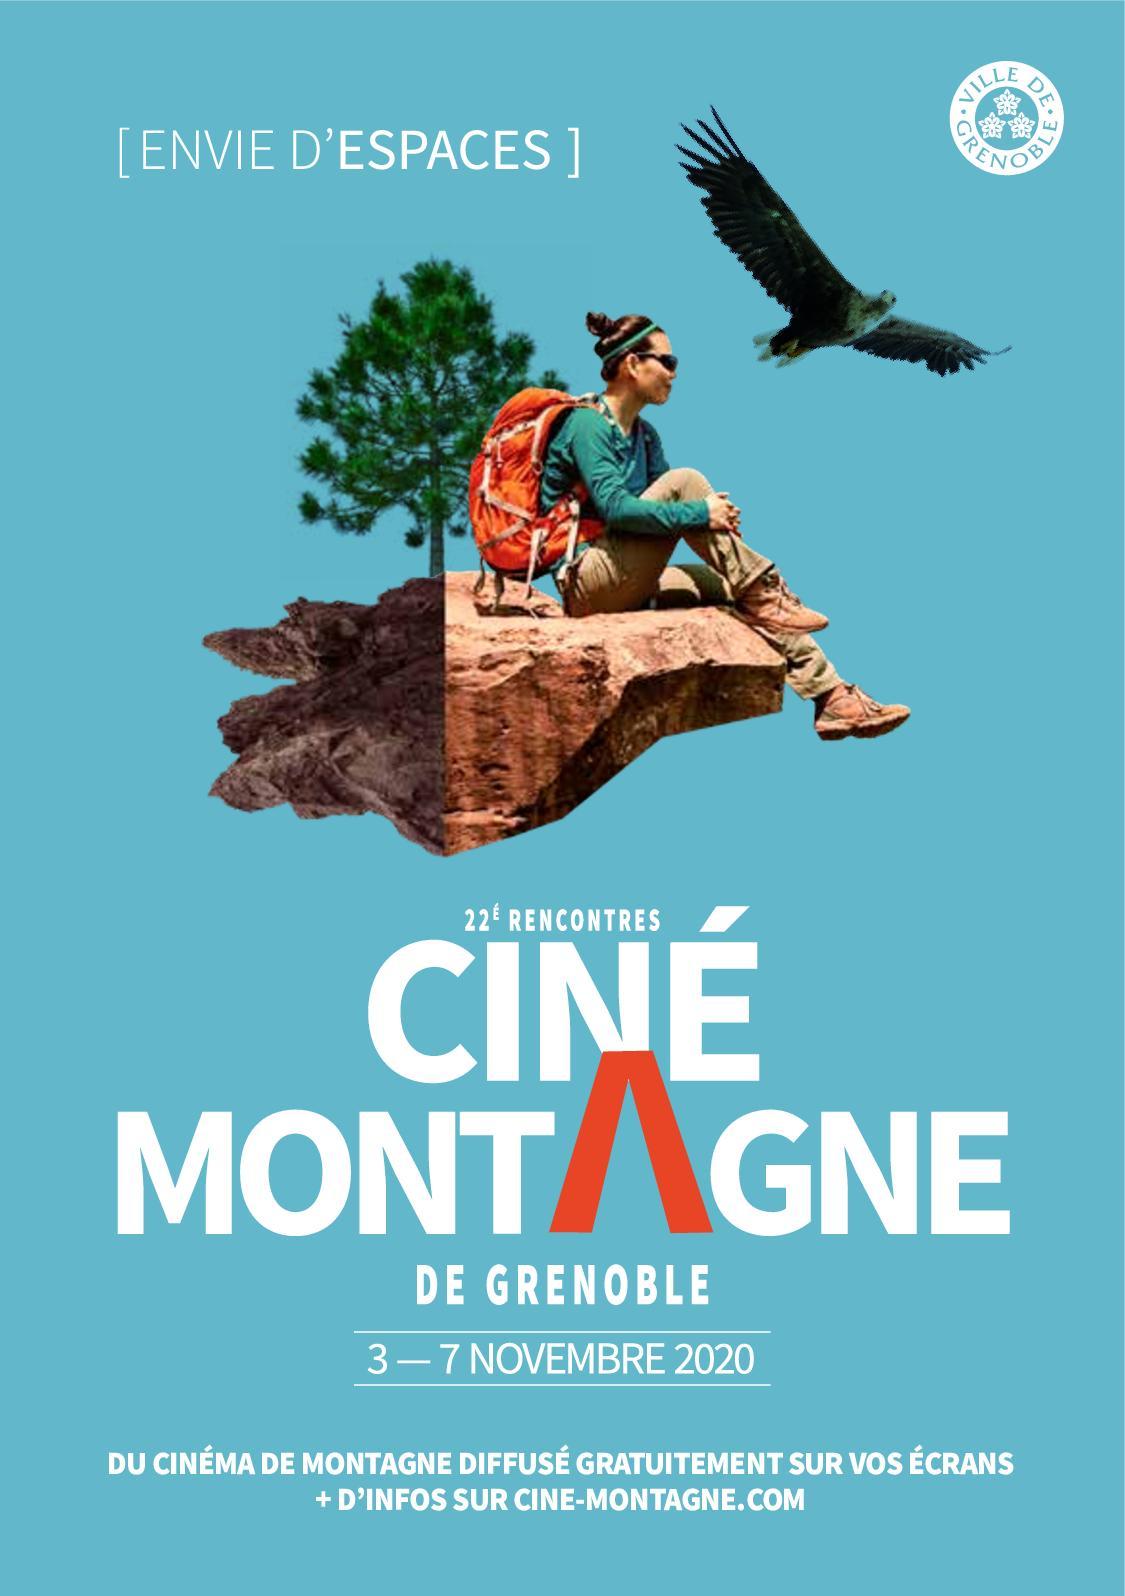 Les grands projets de la cinémathèque de montagne à Gap